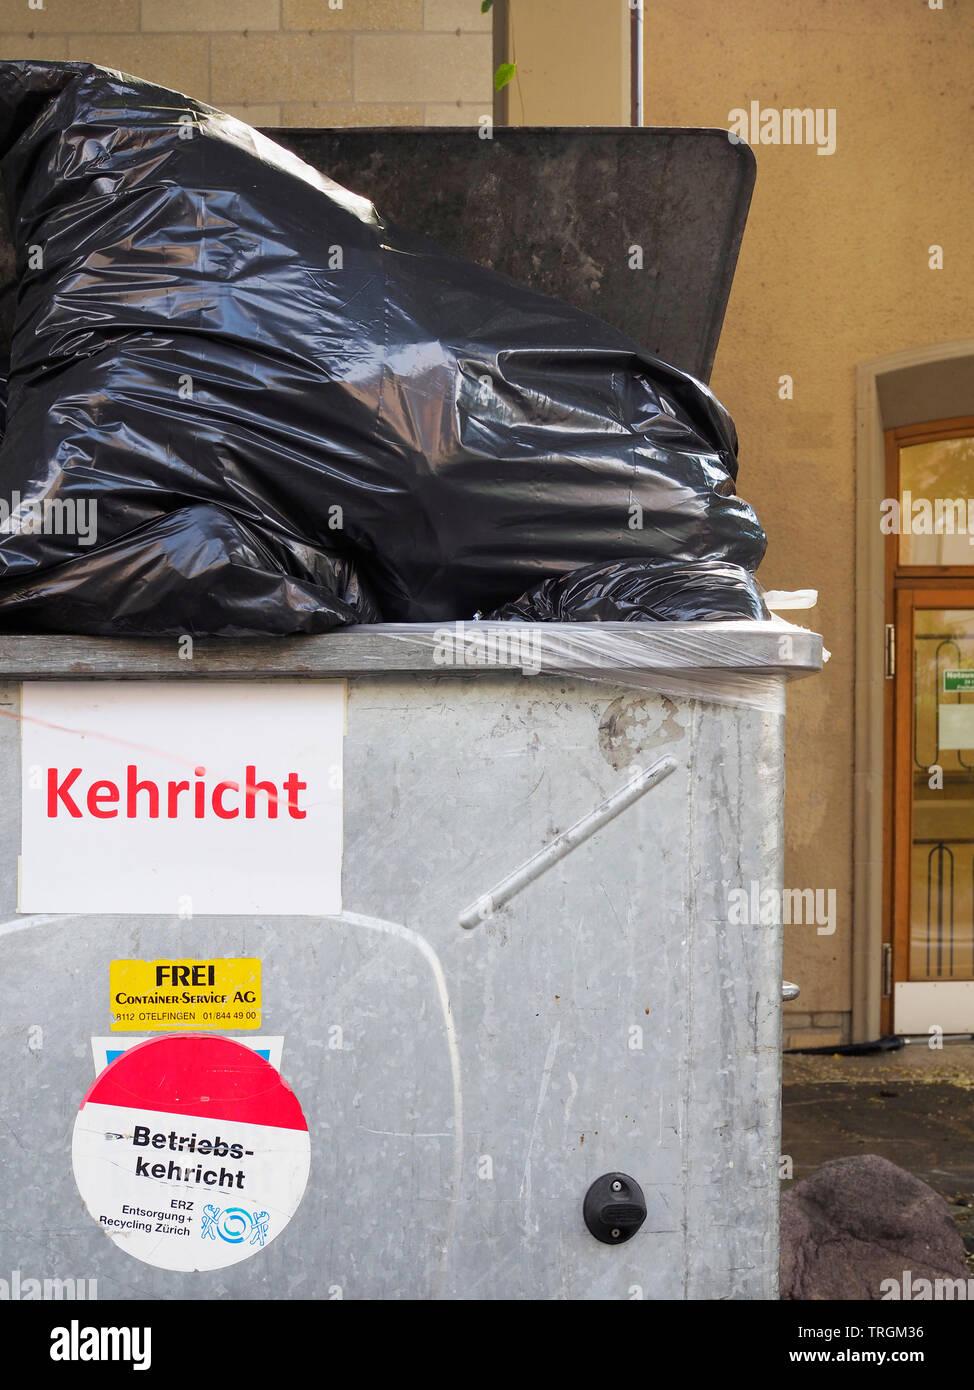 Müll-Container, Kehricht, Abfallsäcke Stock Photo